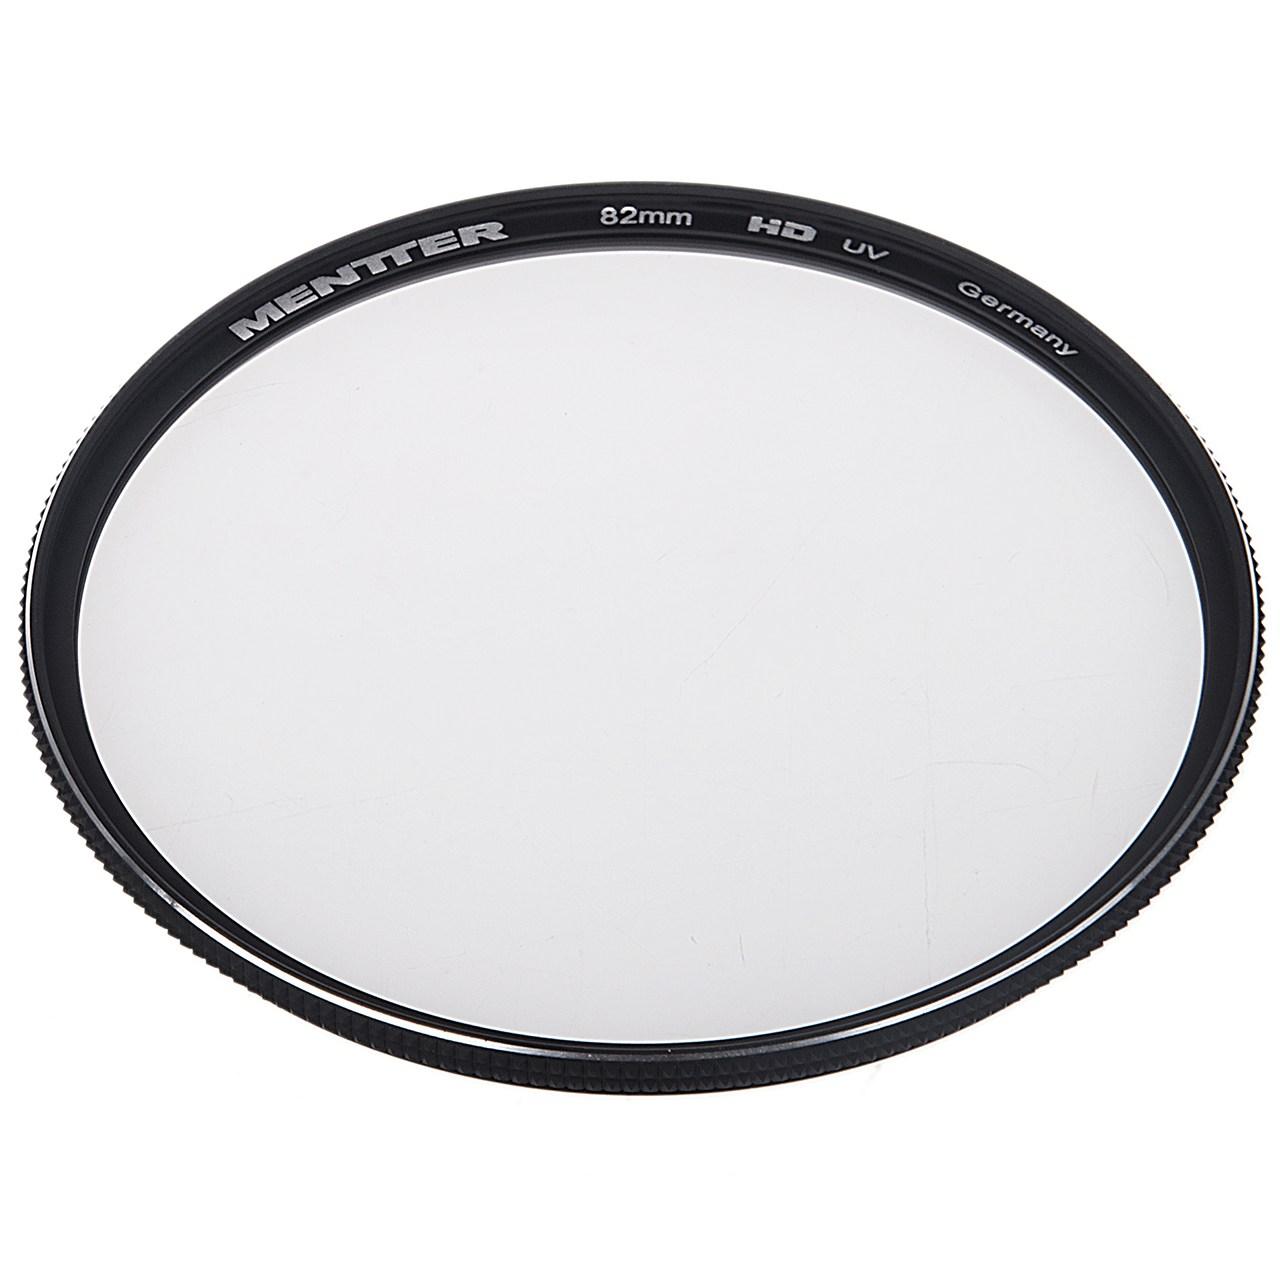 فیلتر لنز منتر مدل HD UV 82mm